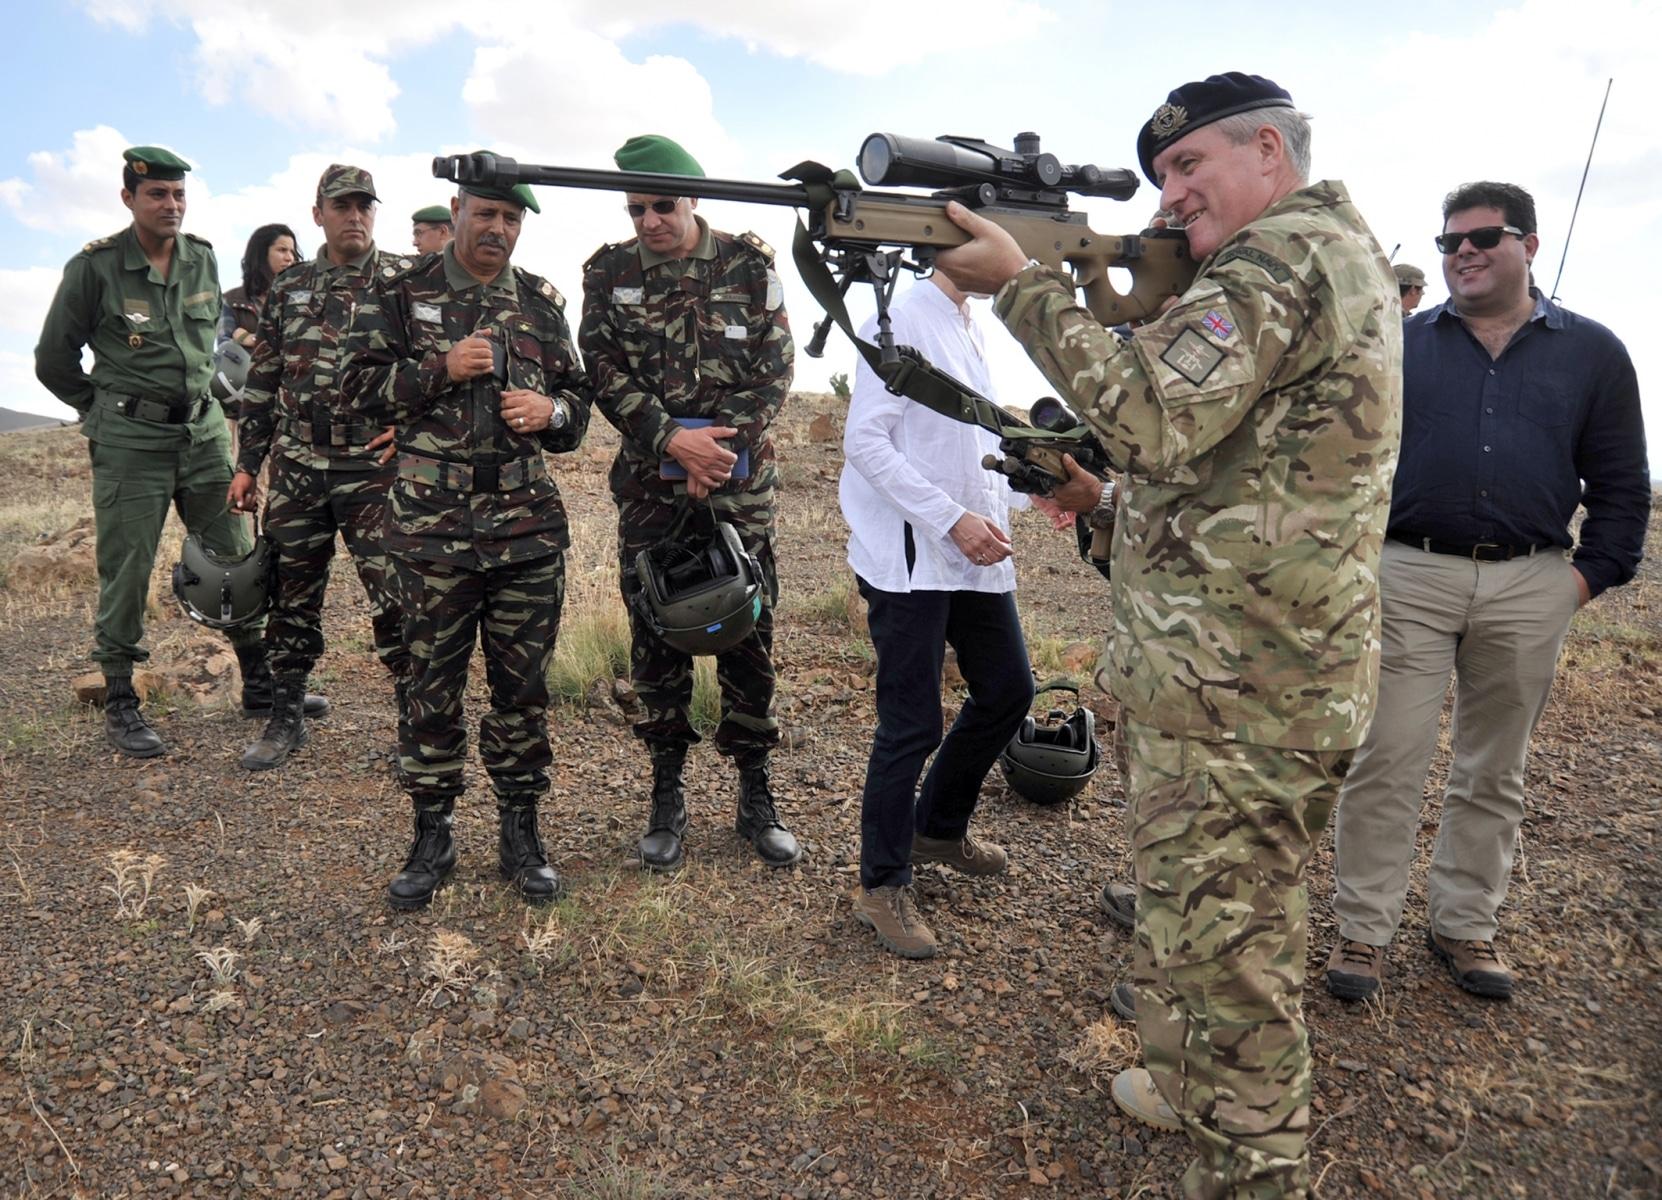 jebel-sahara-5-el-cte-de-las-ffaa-britnicas-en-gibraltar-apunta-un-arma_22494994564_o